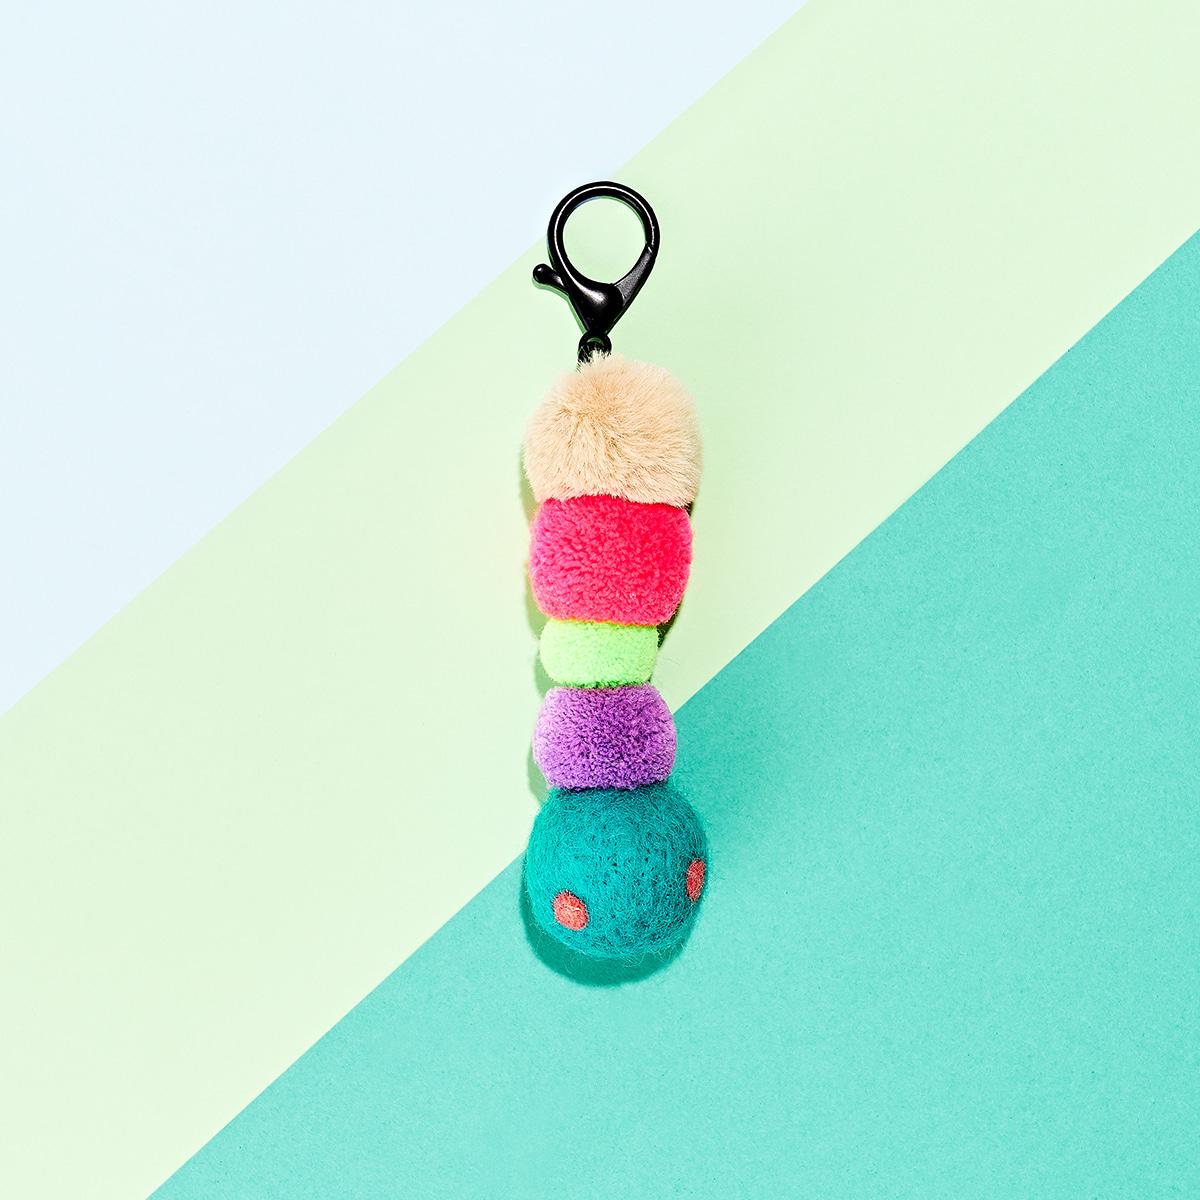 이즈베럴 꼬물꼬물 애벌레 (Lovely Bag Charm)